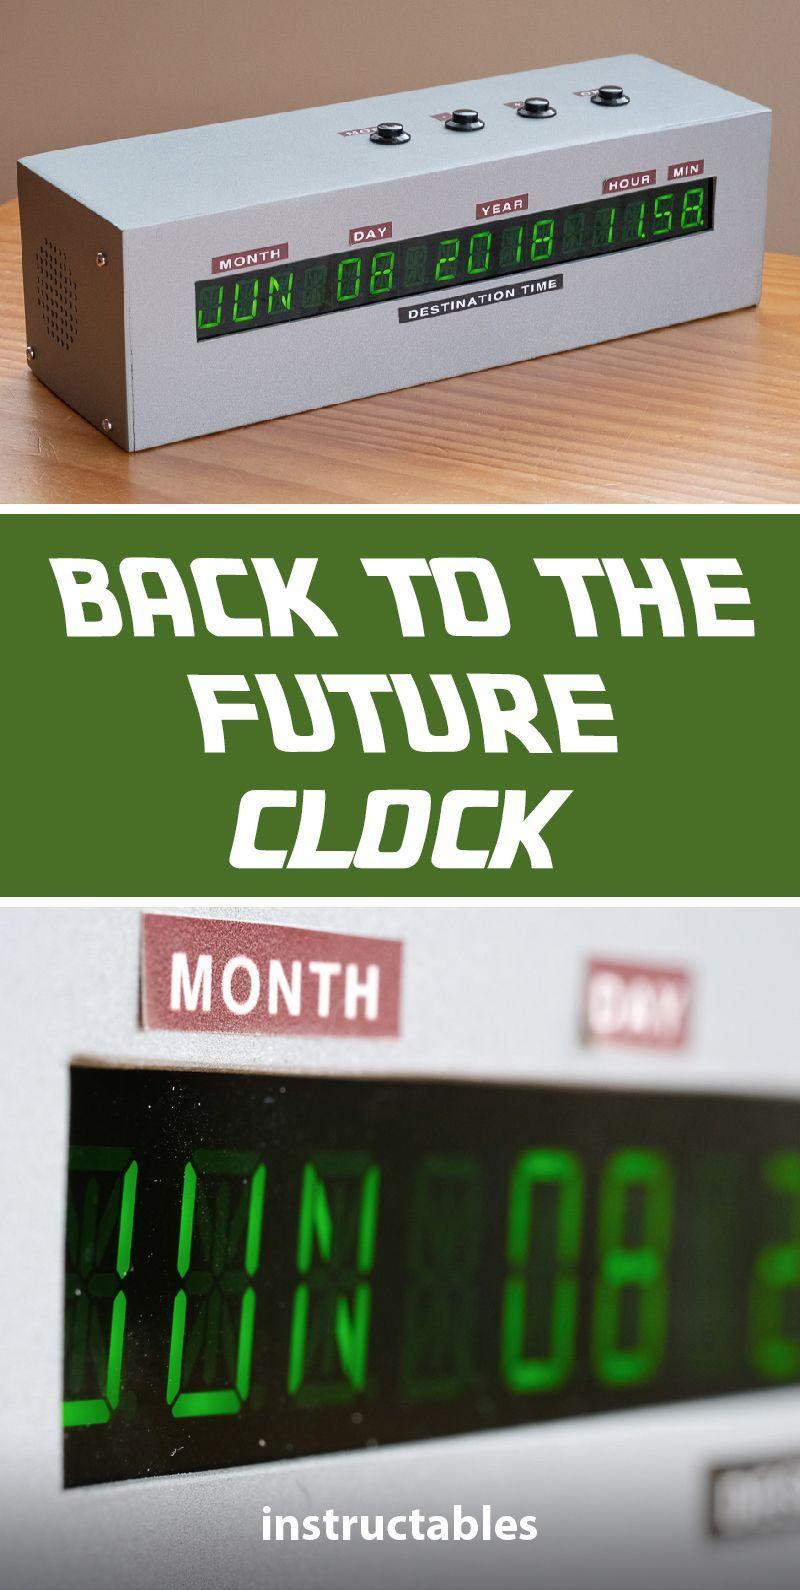 Raspberry Alarm Clock | Unique Alarm Clock